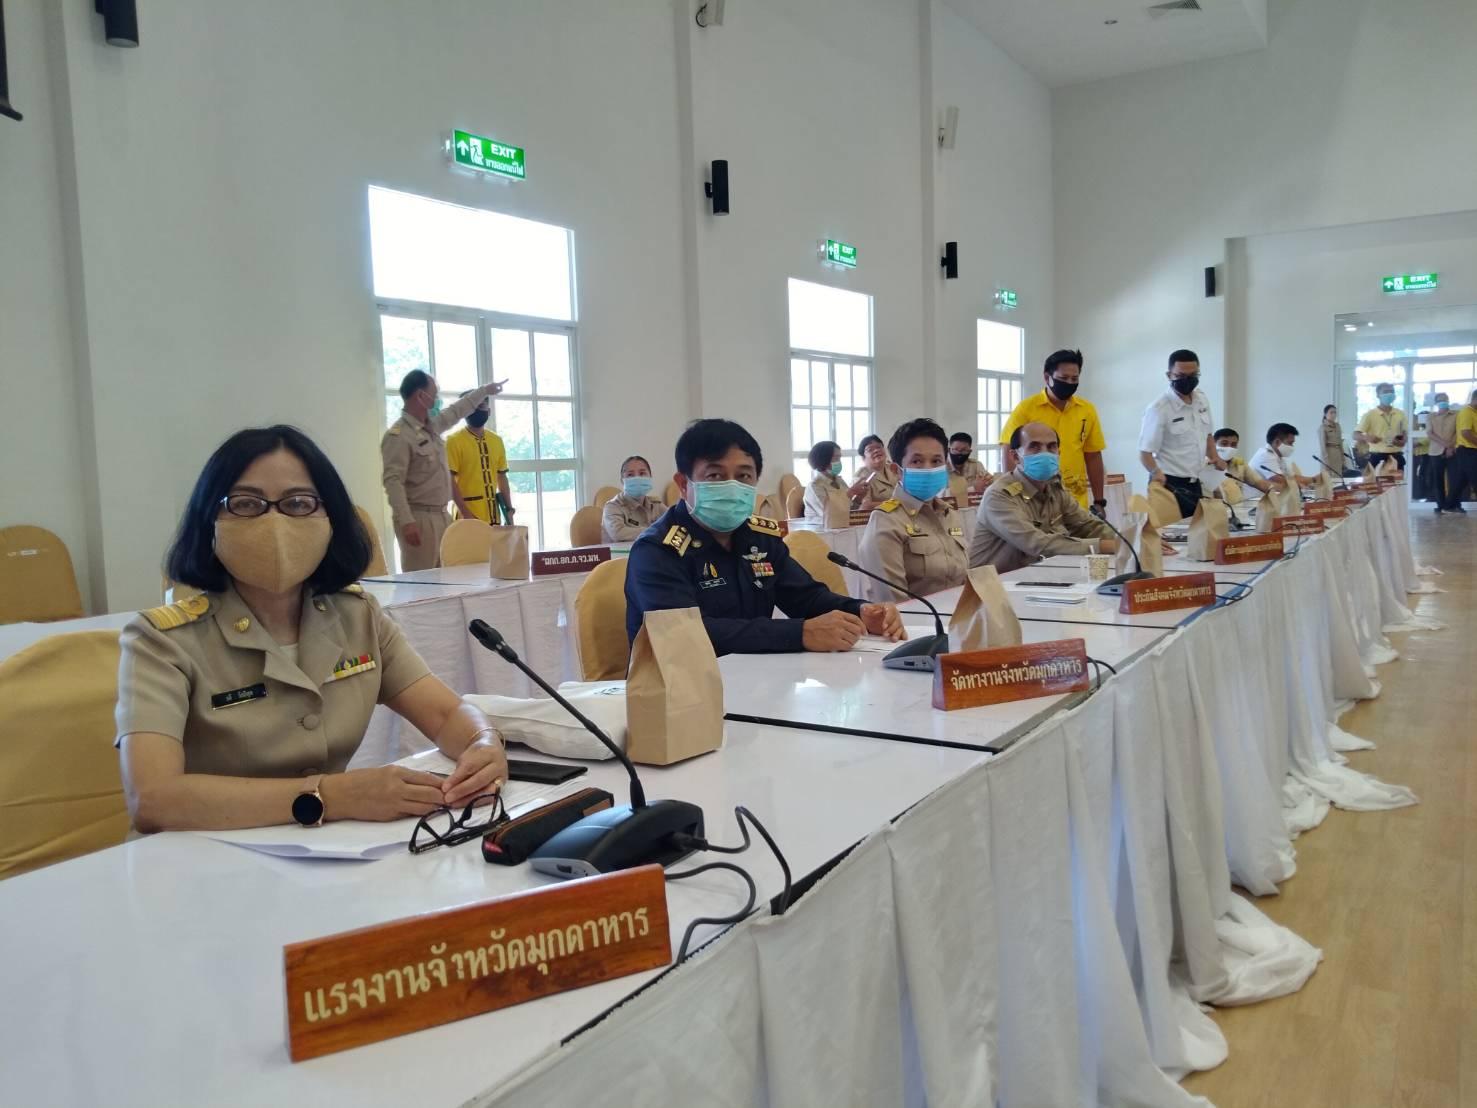 ประชุมกรมการจังหวัดมุกดาหารและหัวหน้าส่วนราชการประจำจังหวัดมุกดาหาร